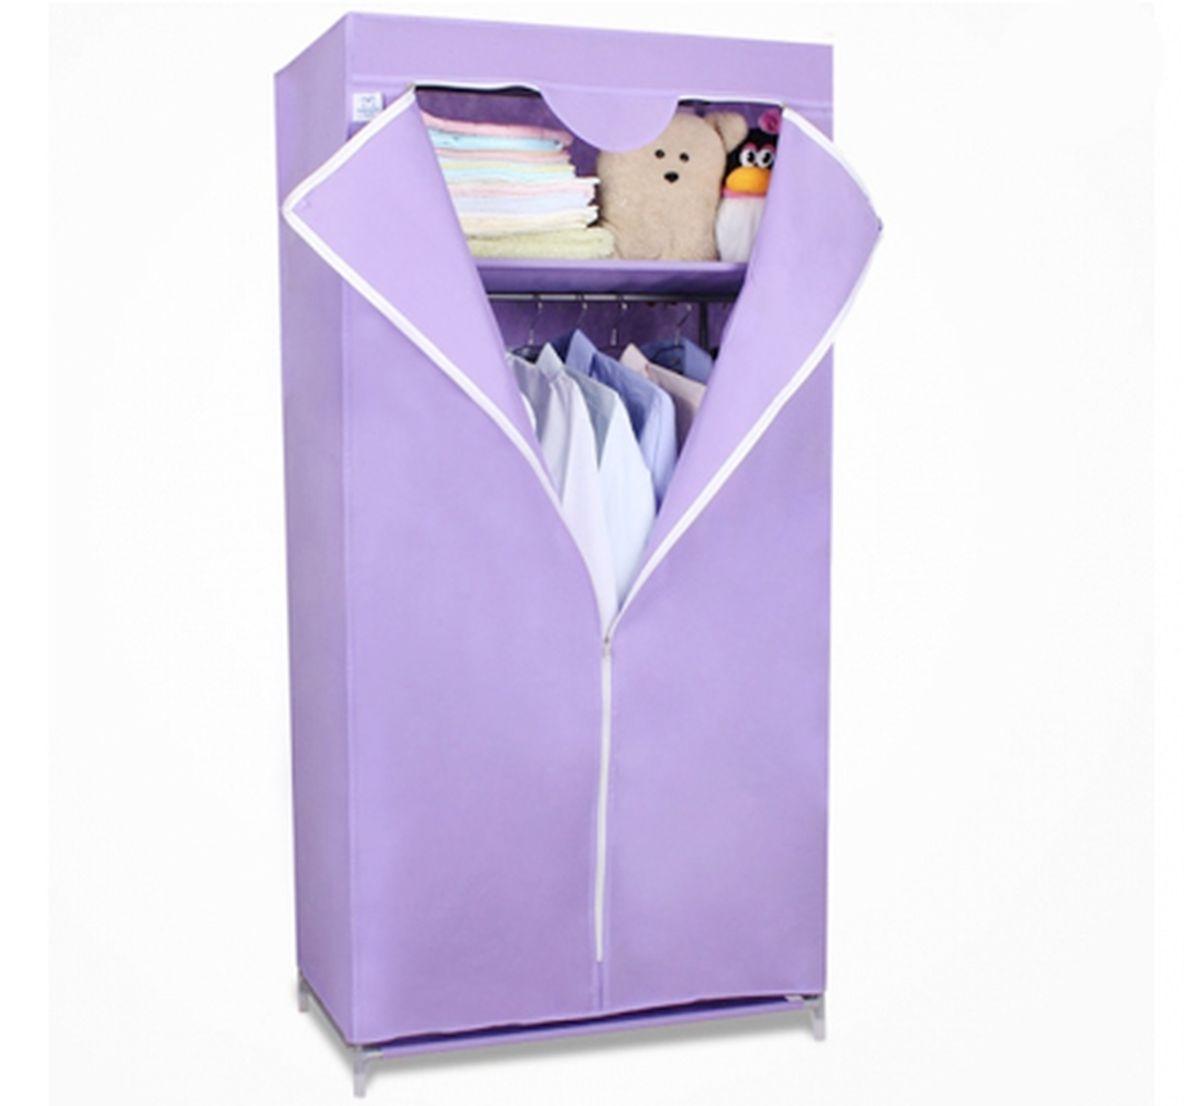 Шкаф Homsu Кармэн, цвет: фиолетовый, 68 x 45 x 155 смRG-D31SШкаф Homsu Кармэн выполнен из текстиля. Сборная конструкция такого шкафа состоит из металлических деталей каркаса, обтянутых сверху прочной и легкой тканью. Этот шкаф предназначен в создании полноценного порядка. Изделие имеет удобную полку для складывания одежды 65 х 45 см и перекладину той же ширины для подвешивания курток, пальто, рубашек, свитеров и других вещей. Кроме своей большой практичной пользы, данный мебельный предмет также сможет очень выгодно дополнить имеющийся интерьер в помещении. Верхняя тканевая обивка, при этом, всегда может быть легко и быстро снята, если ее необходимо будет постирать или заменить.